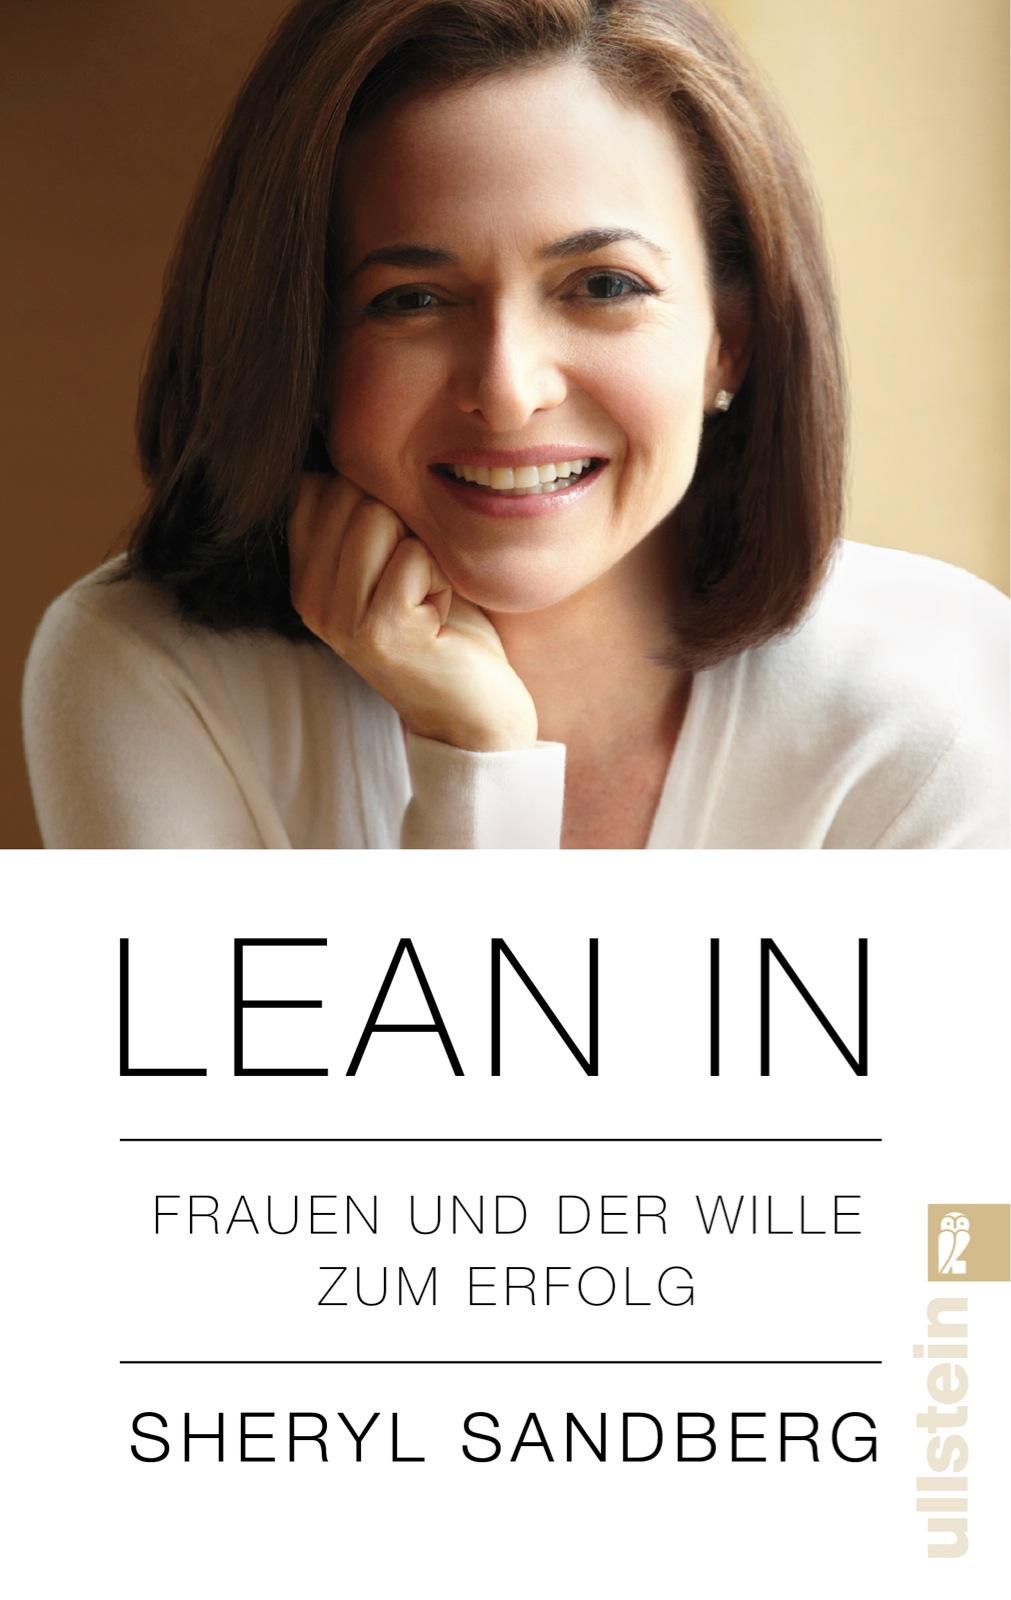 Lean In: Frauen und der Wille zum Erfolg - Sheryl Sandberg [Taschenbuch]